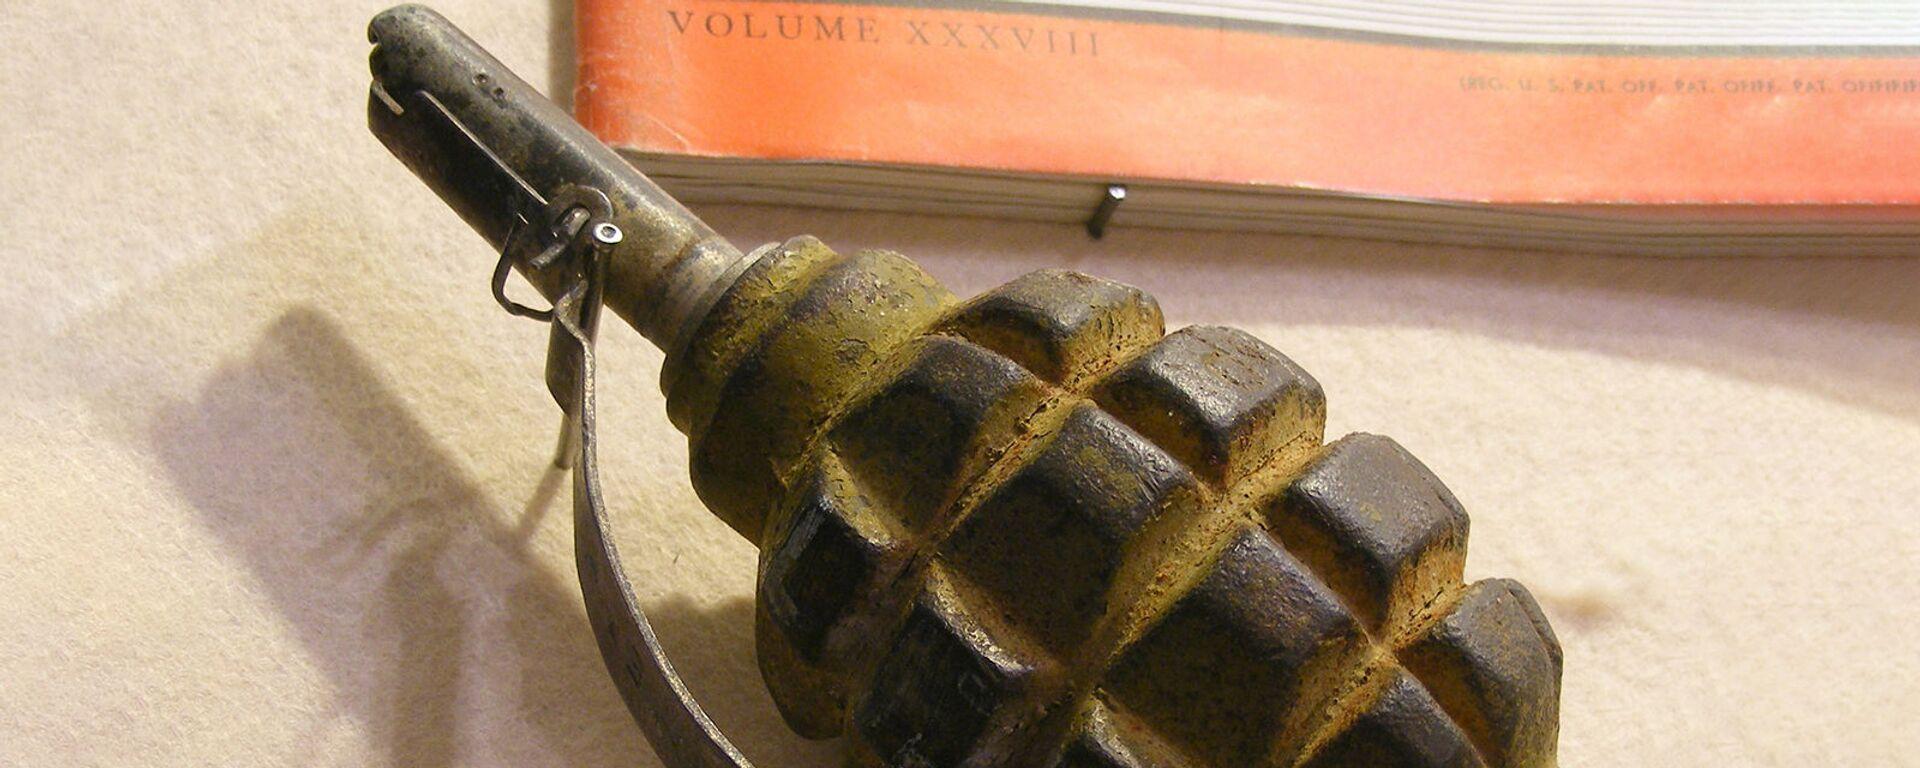 Ручная противопехотная оборонительная граната Ф-1 (лимонка) - Sputnik Արմենիա, 1920, 20.08.2021